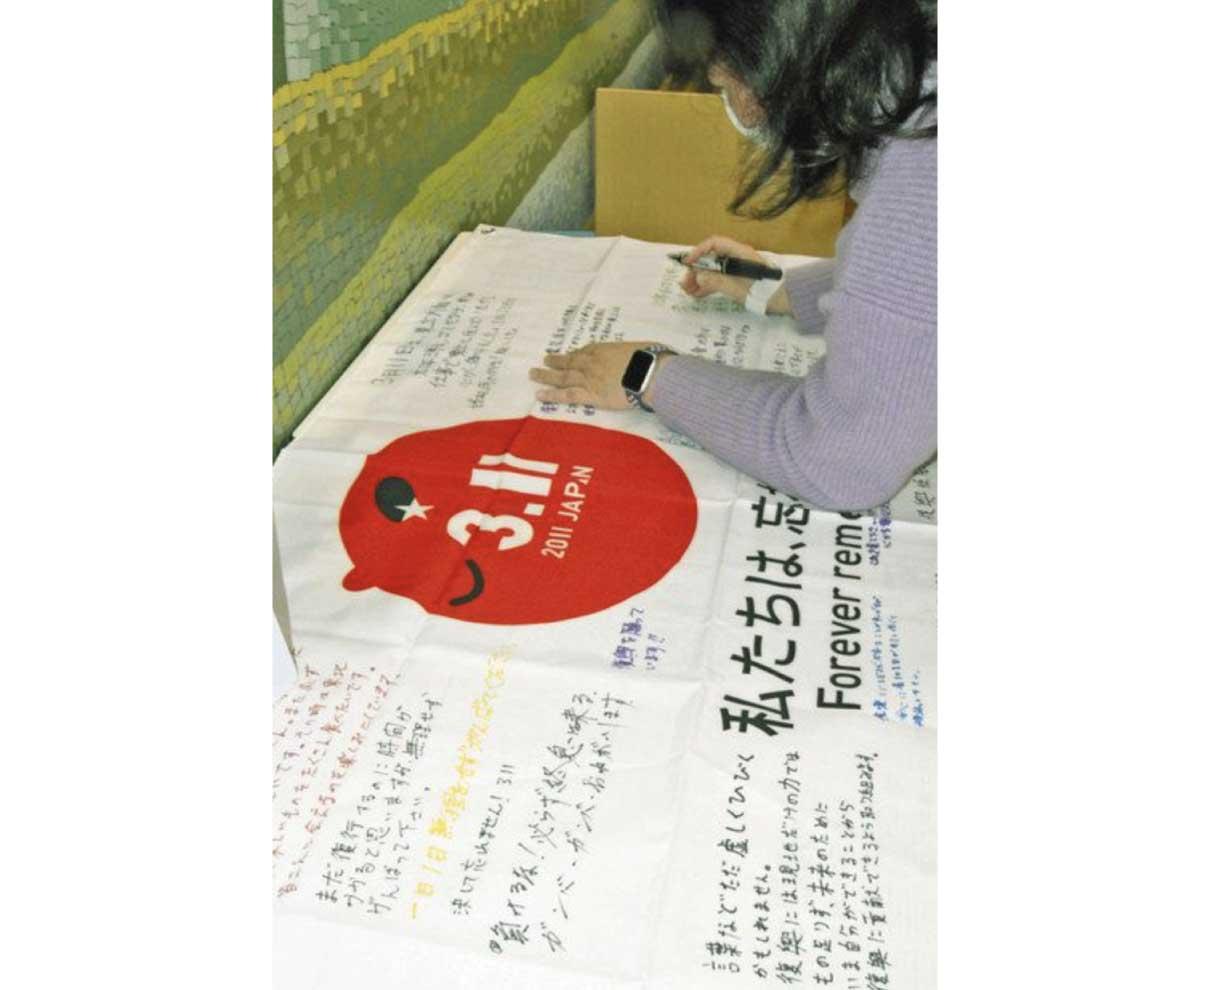 石巻に復興エールの旗 日赤県支部寄贈へ 献血者ら寄せ書き